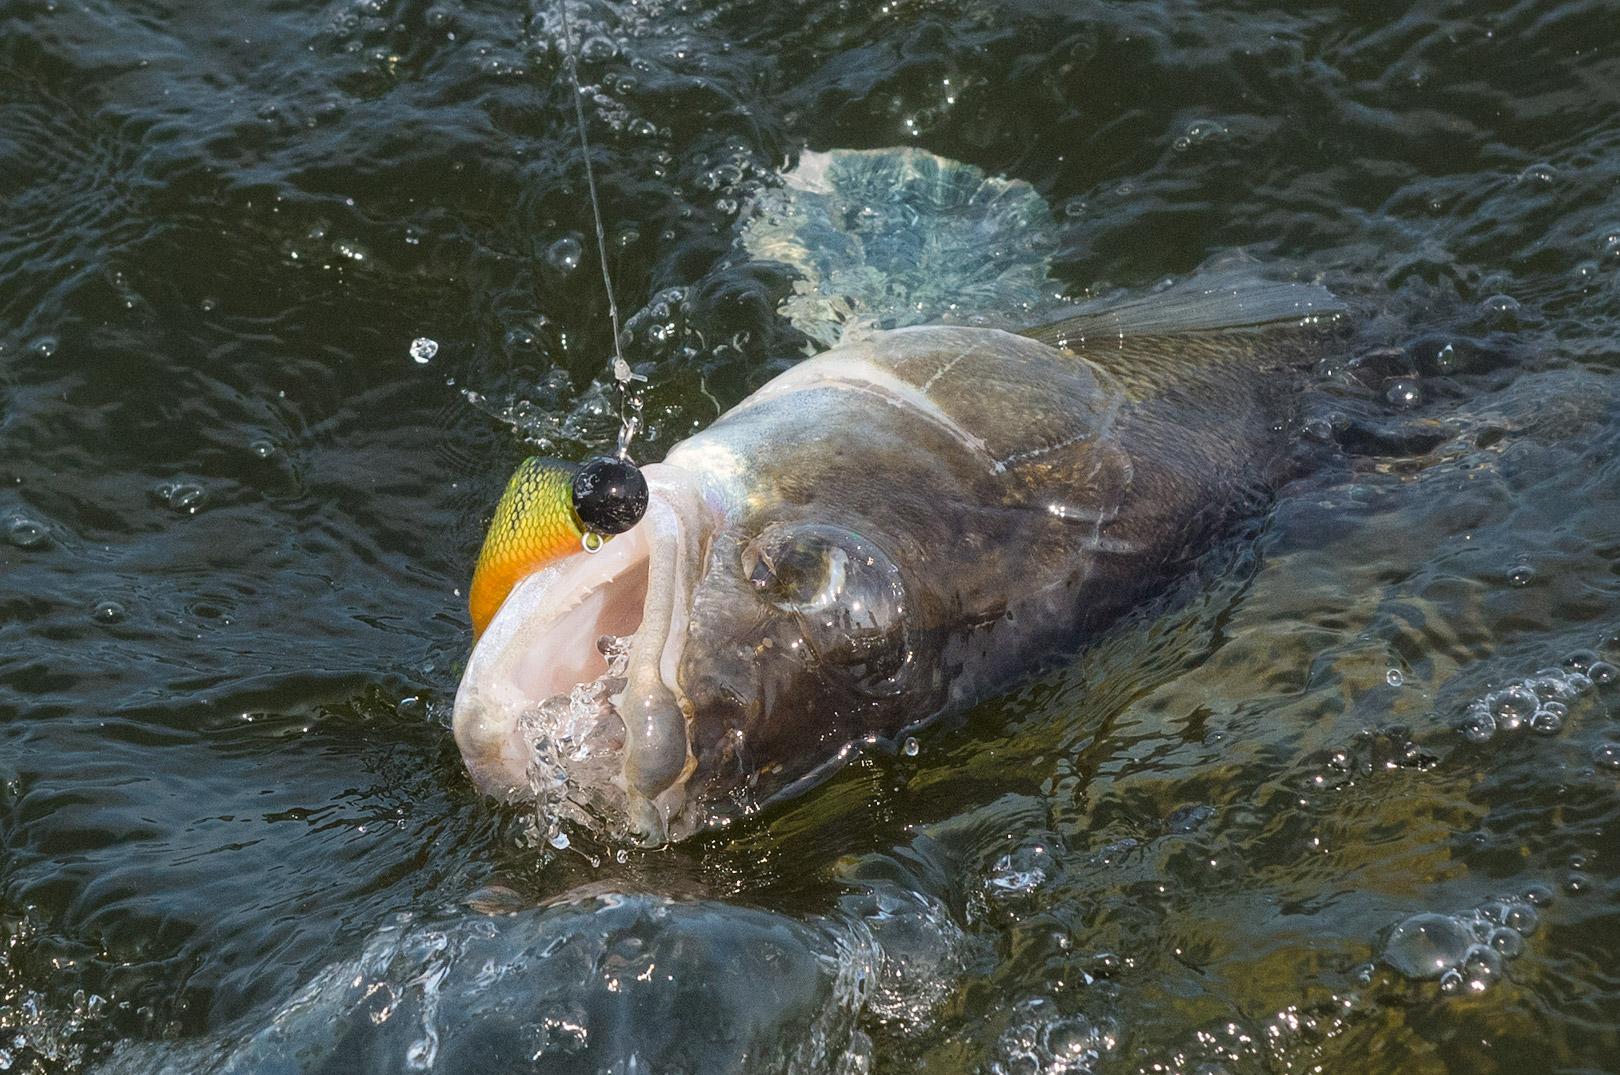 Som det ser ud lige nu er sandartbestanden på Arresø i stor fare for at blive nedfisket igen - inden erhvervsfiskerkoncessionen udløber ved udgangen af 2021.